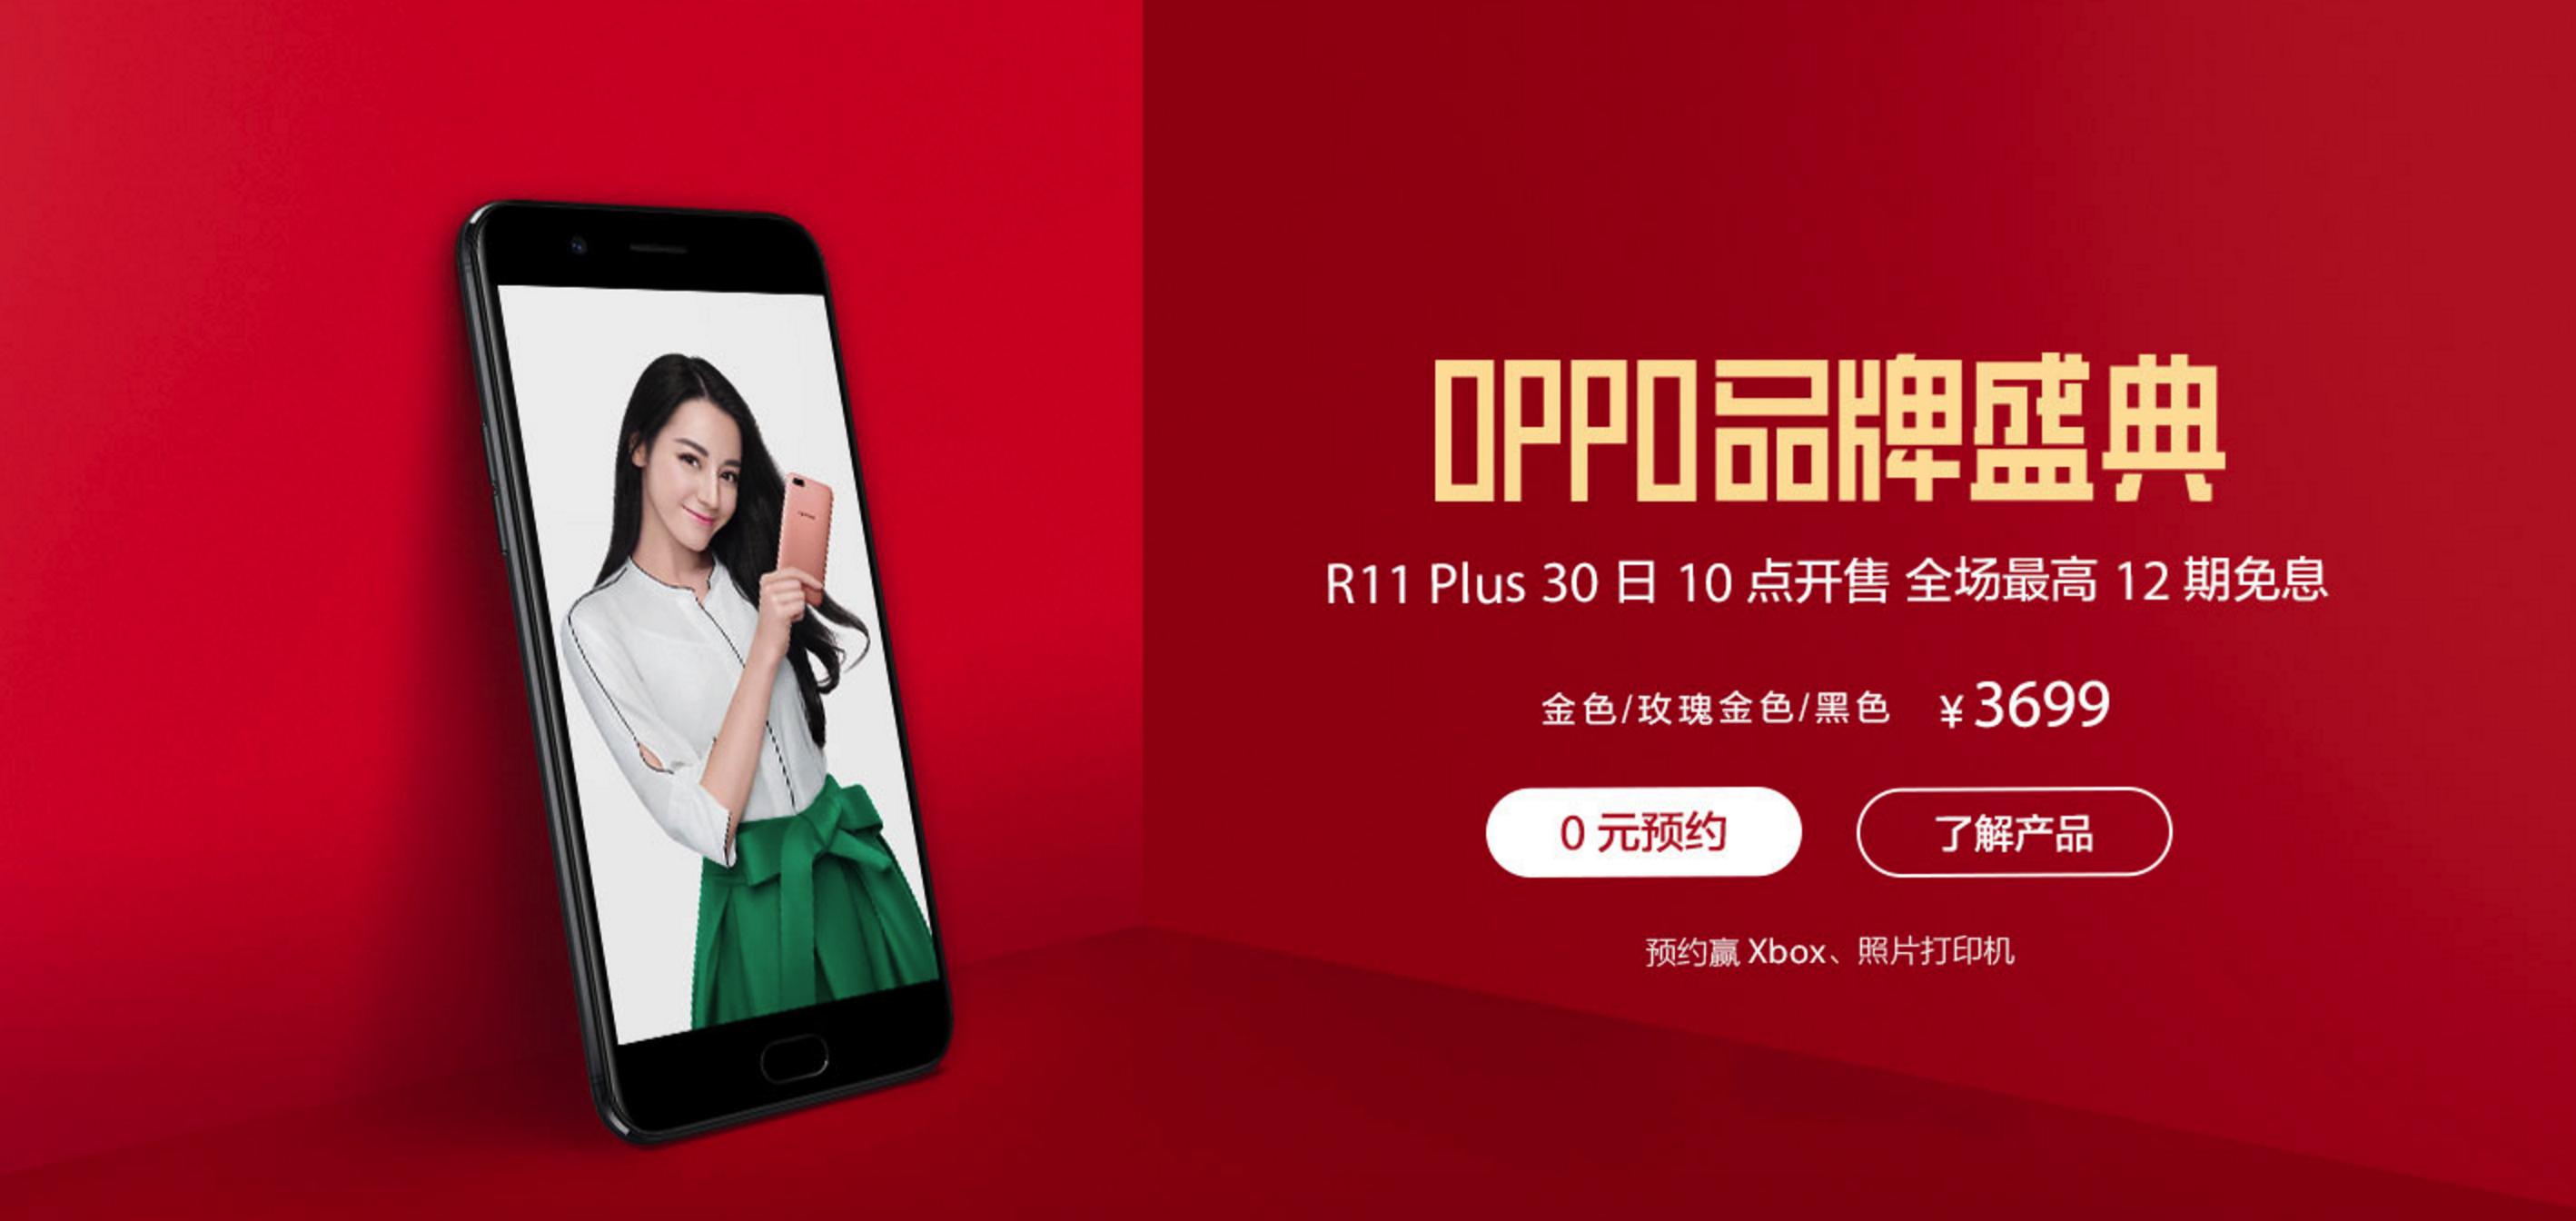 OPPO R11 Plus更显示屏 更大角度助你无敌